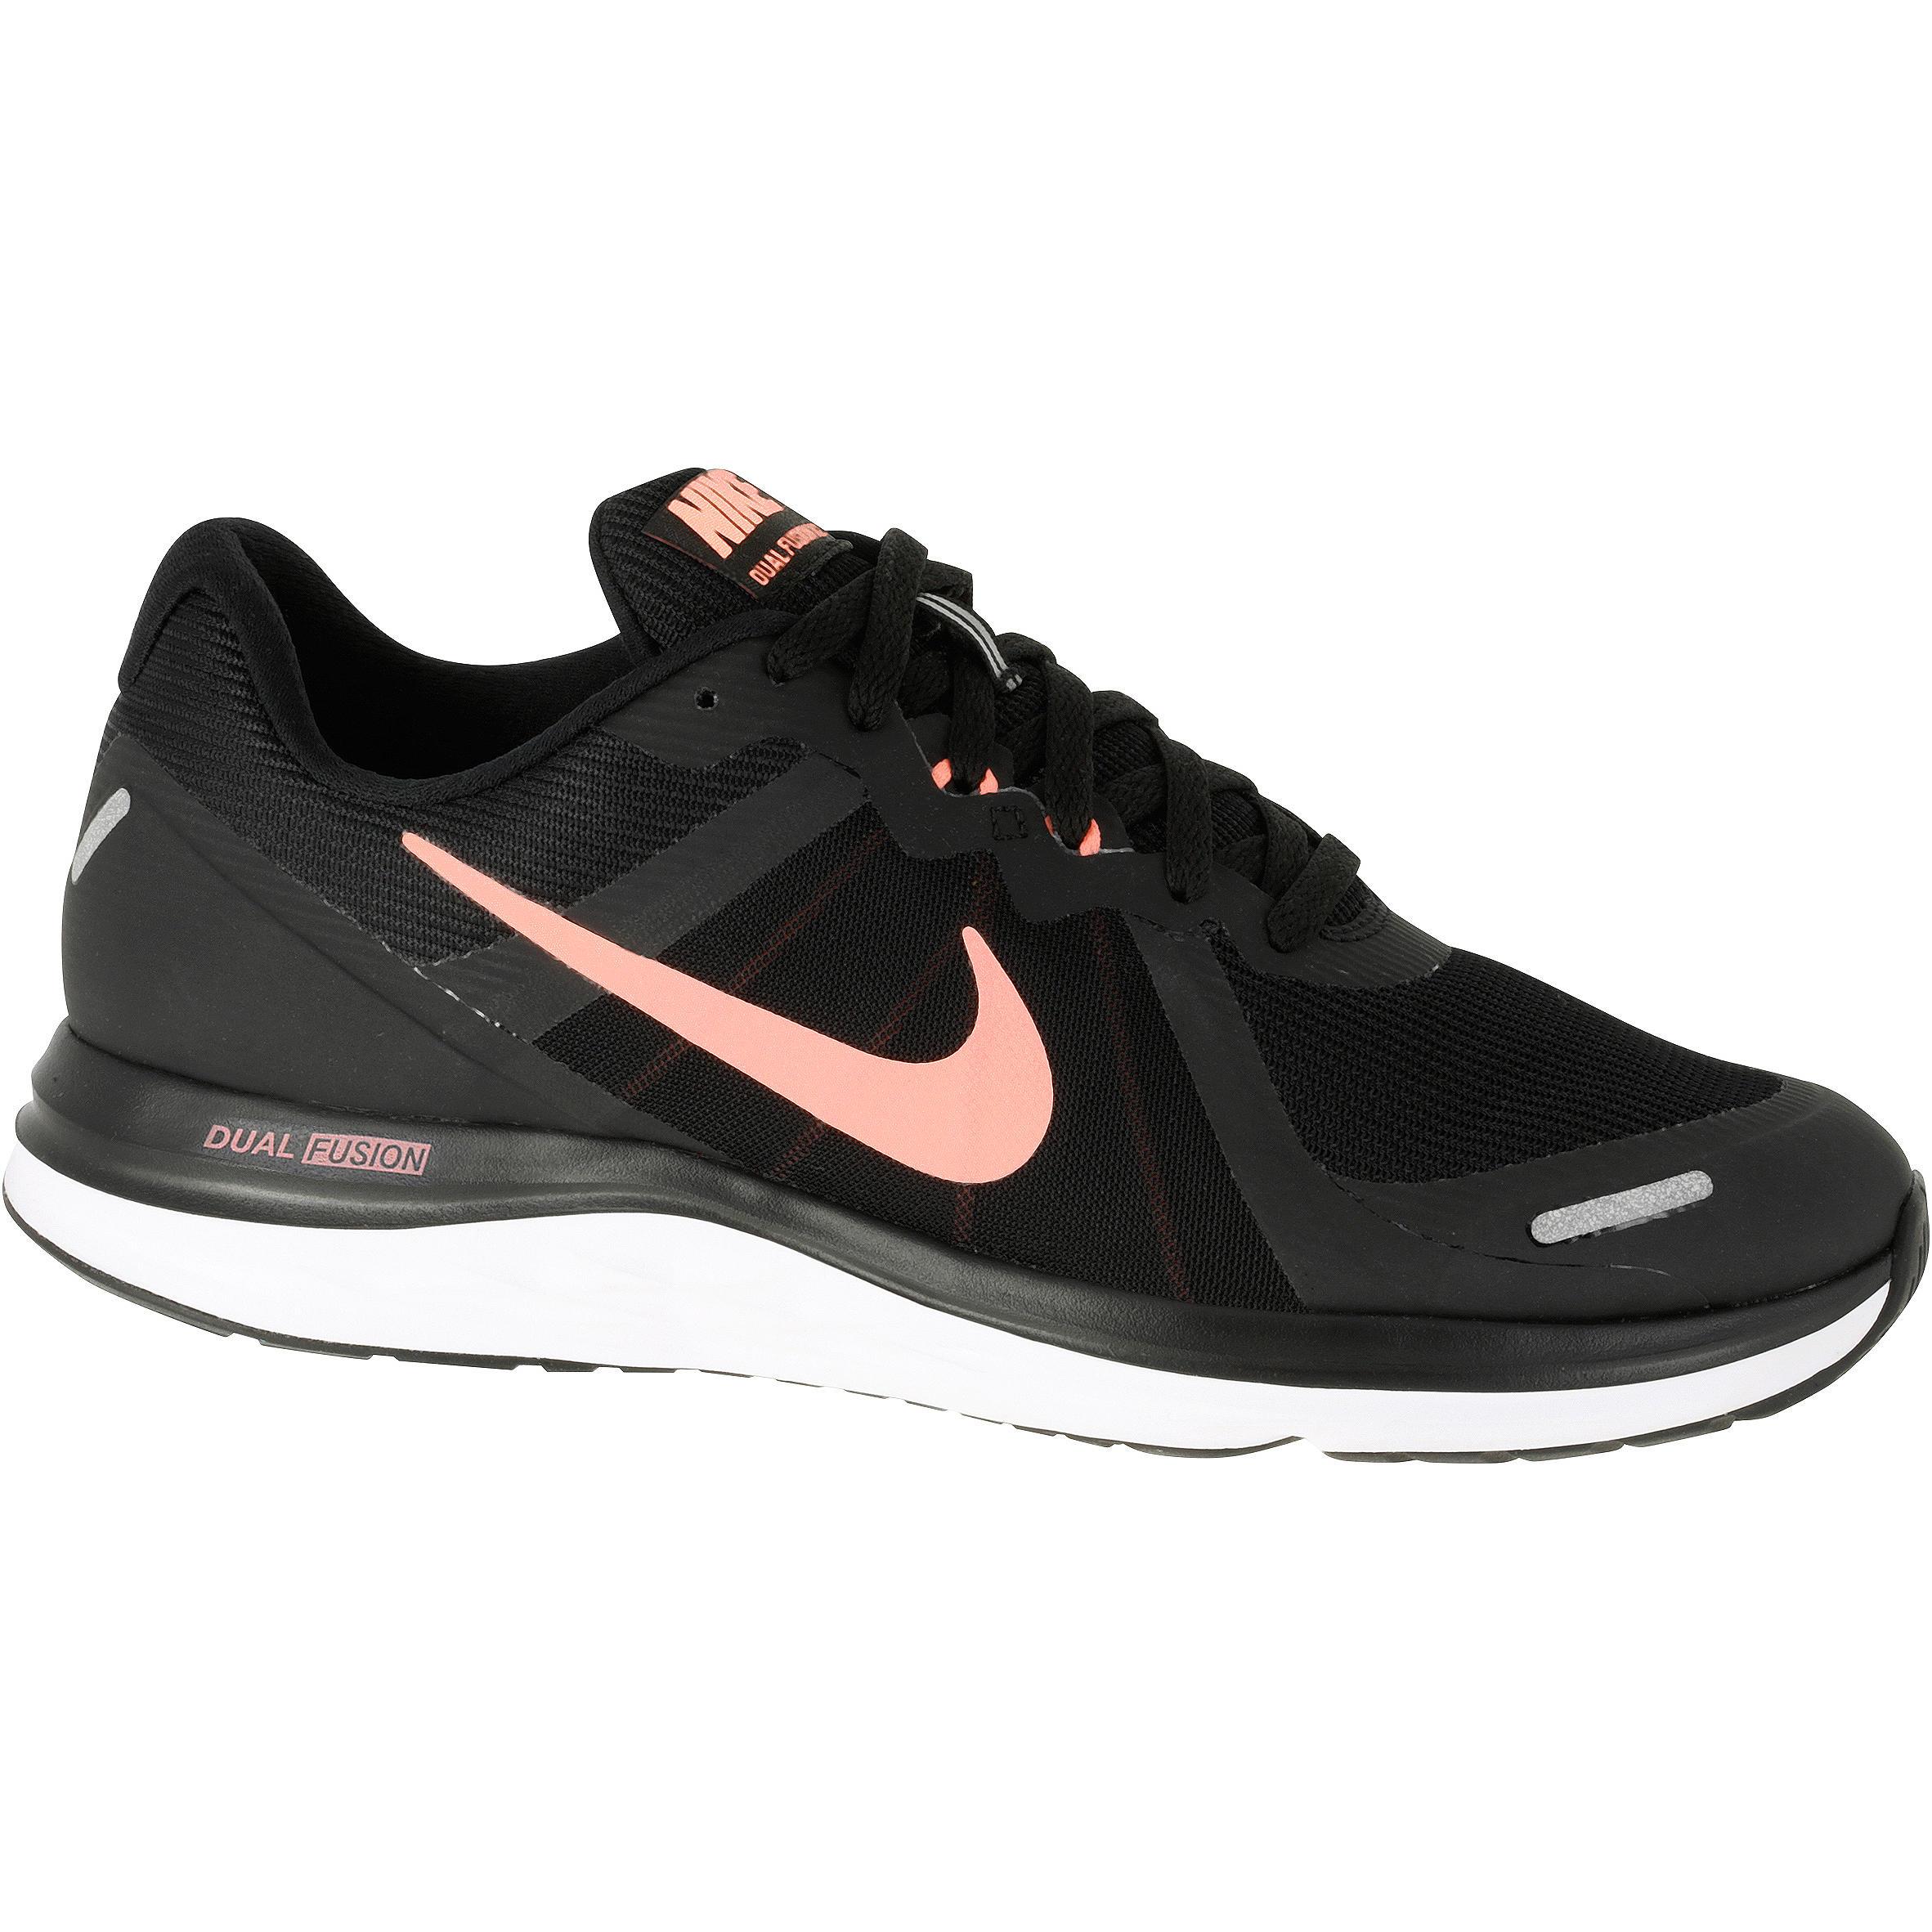 3e6f0cb753a Comprar zapatillas de running online